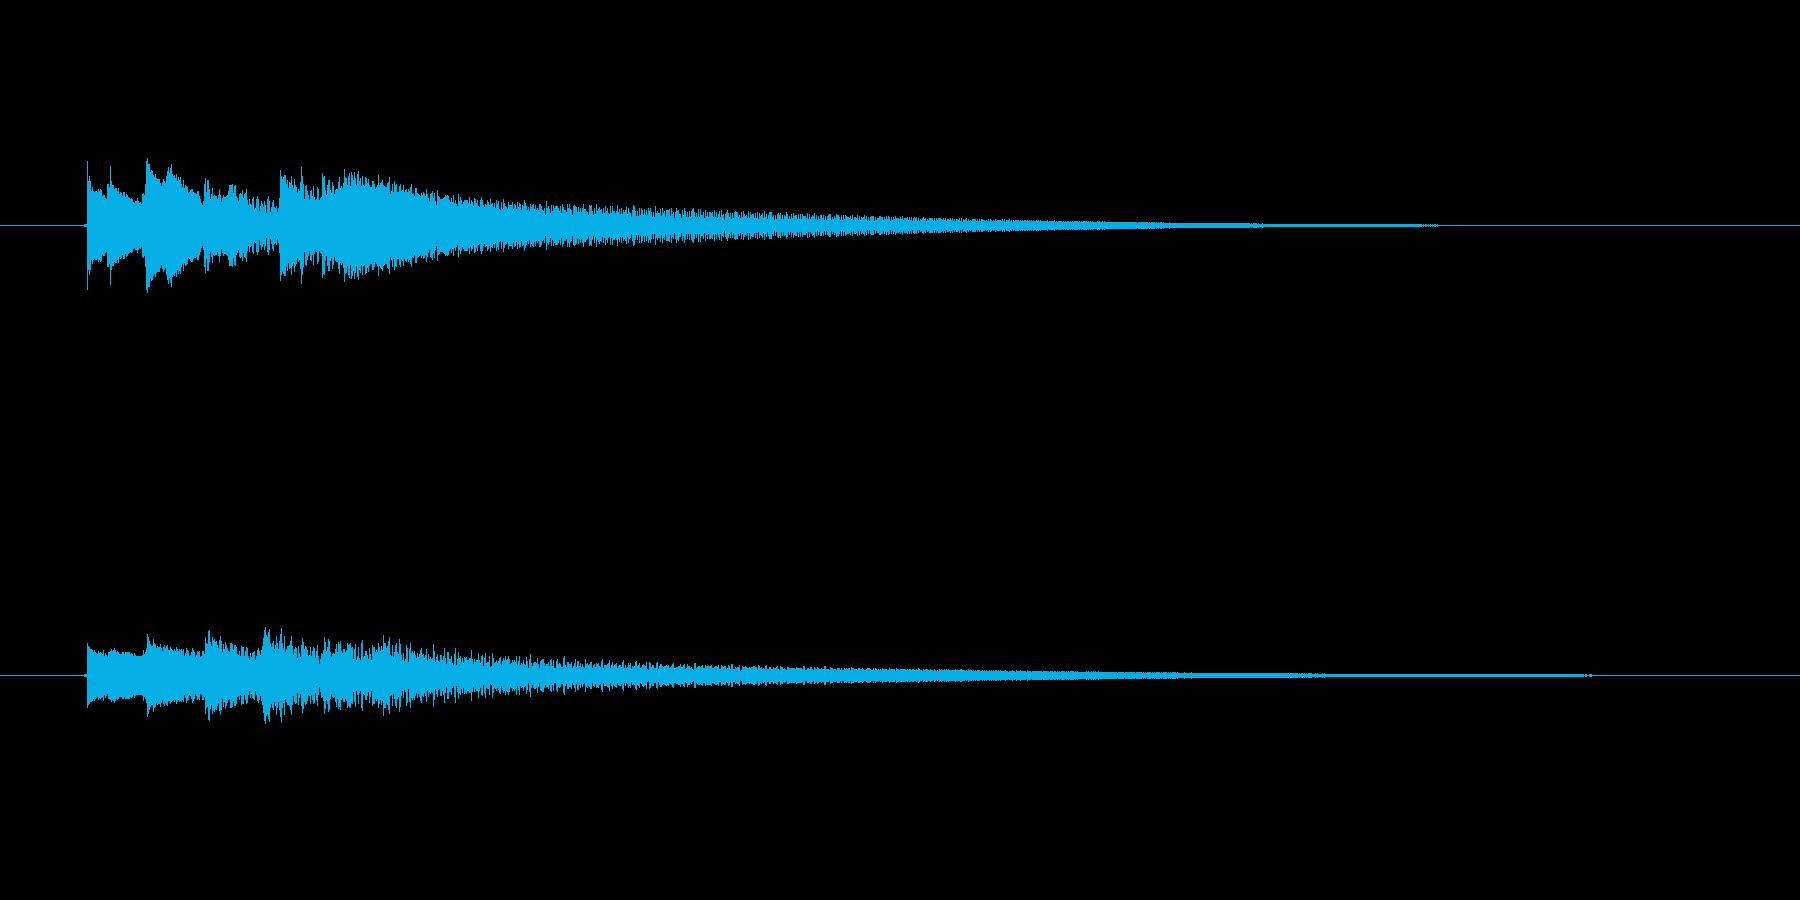 ソファミレド 変身の再生済みの波形